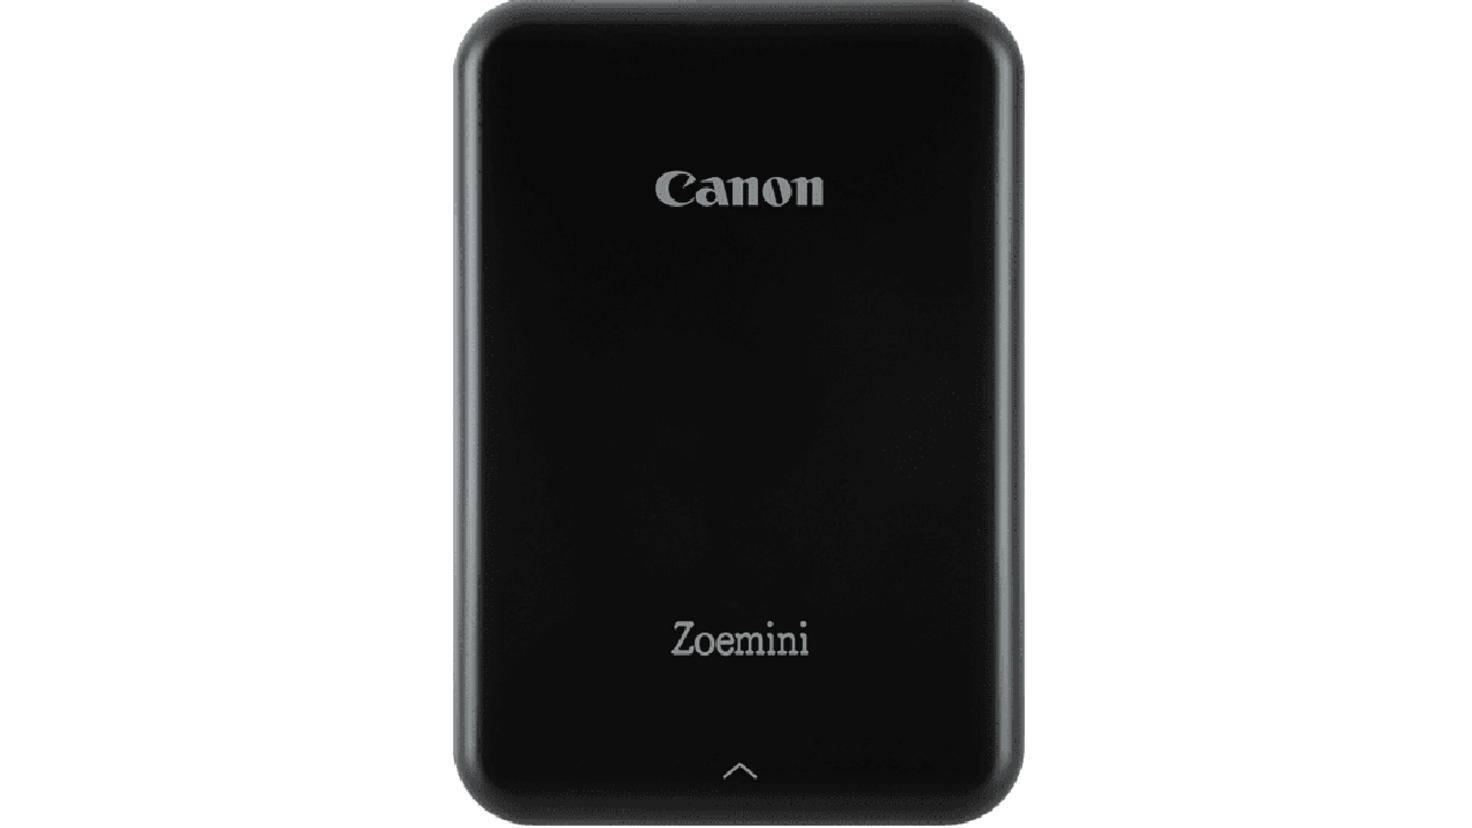 Canon PV 123 Zoemini